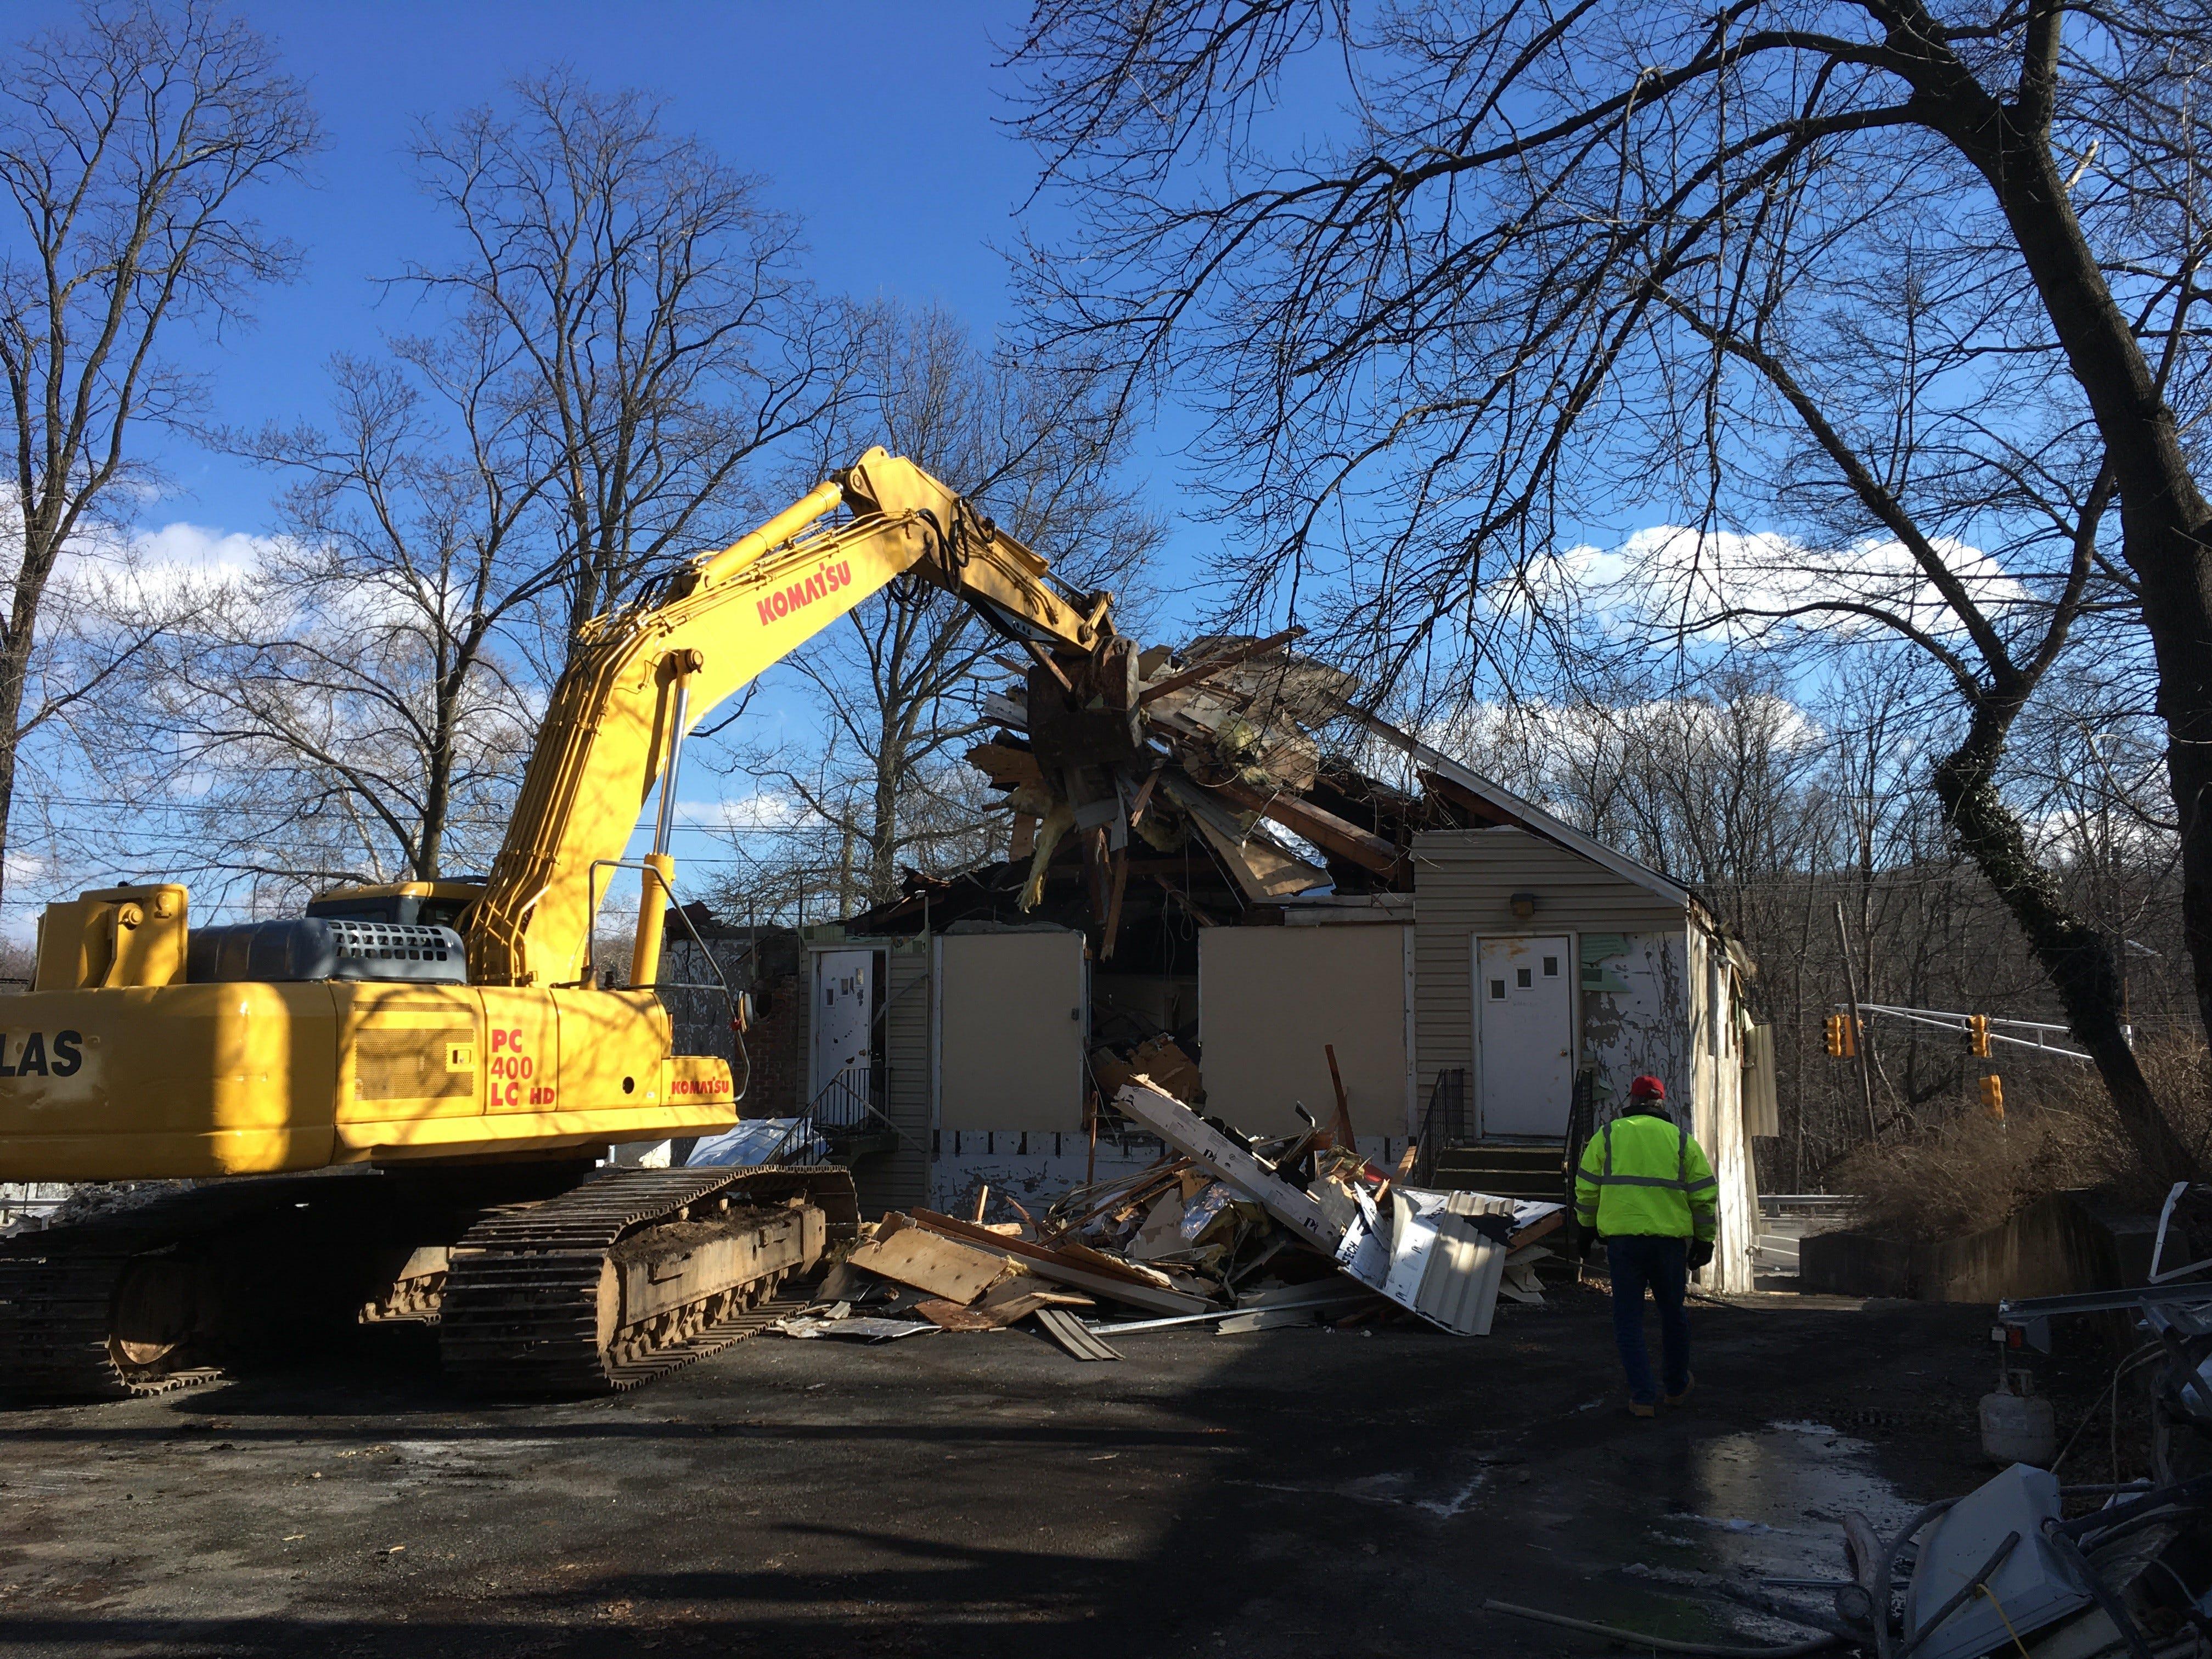 A grapple tears into the rear of Cedar Grove's South End Firehouse on Jan. 25, 2019.